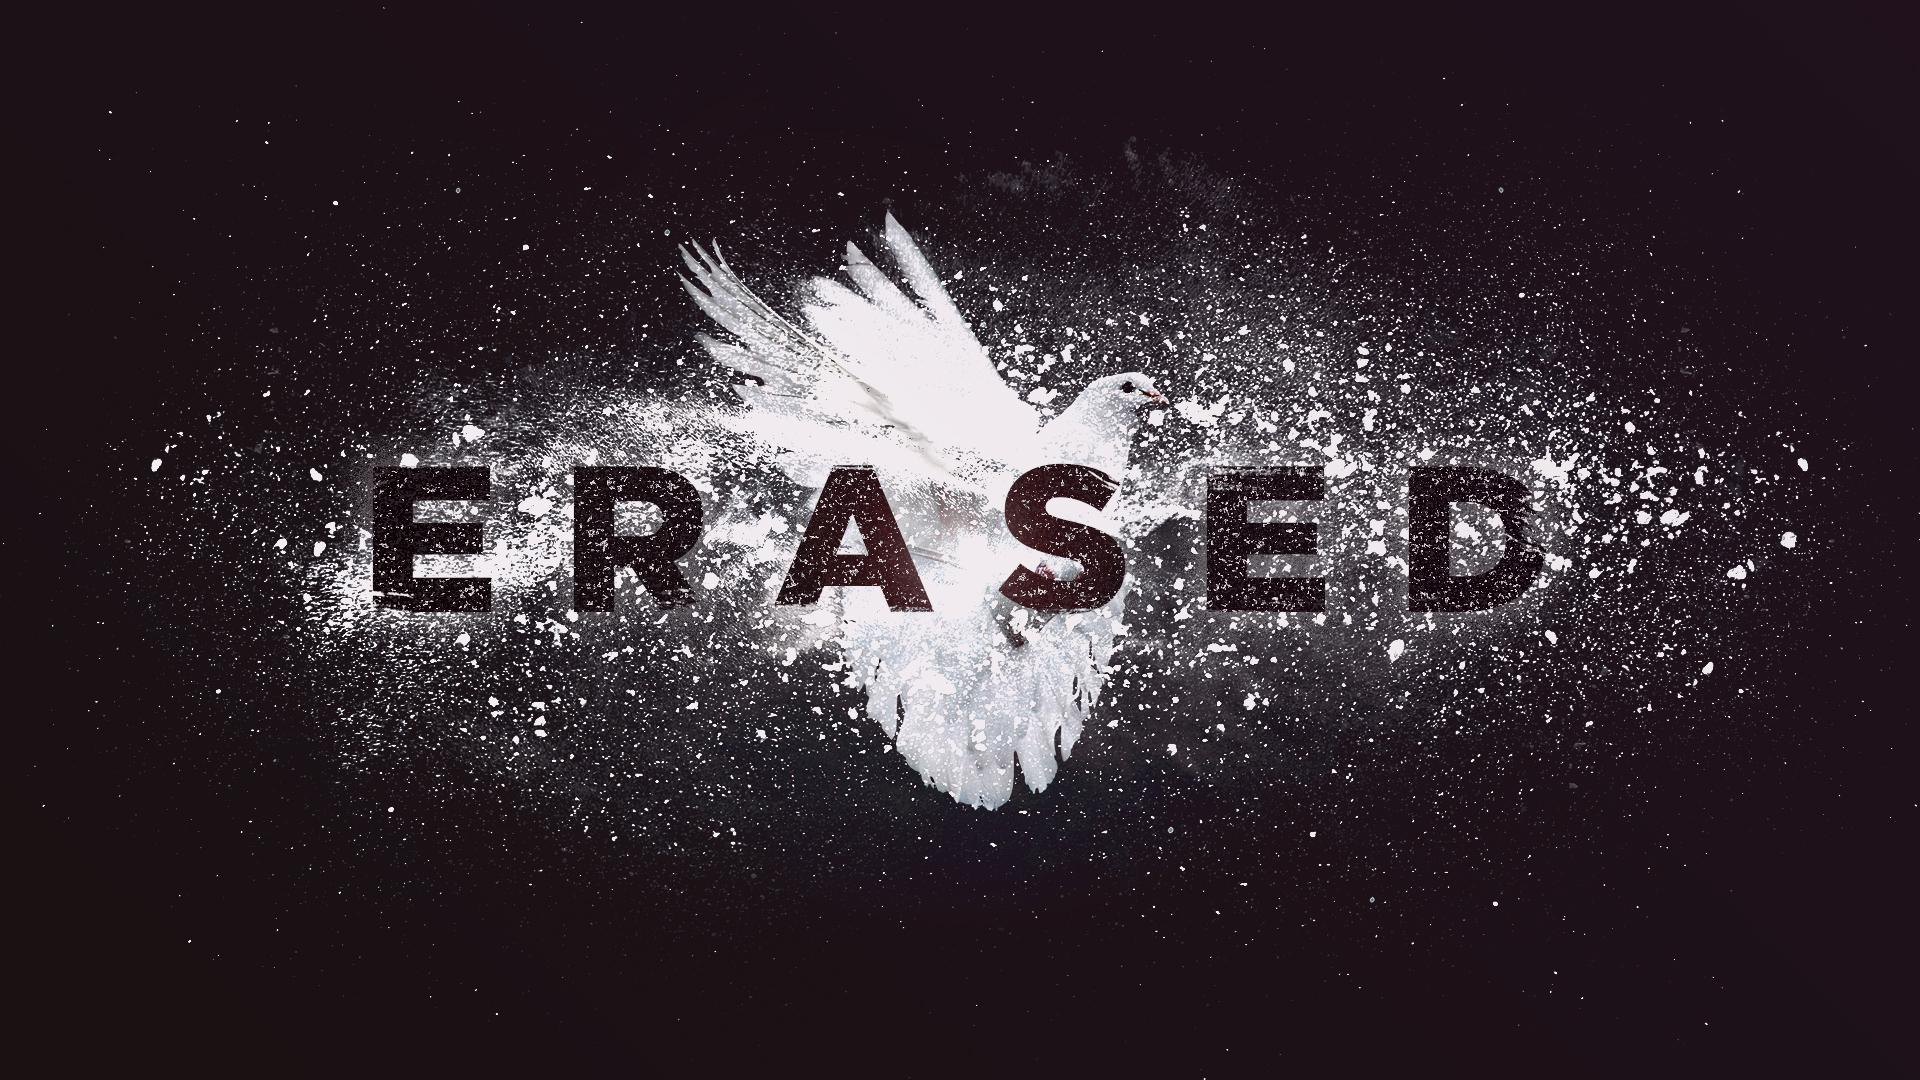 Erased_Title-Slide.jpg